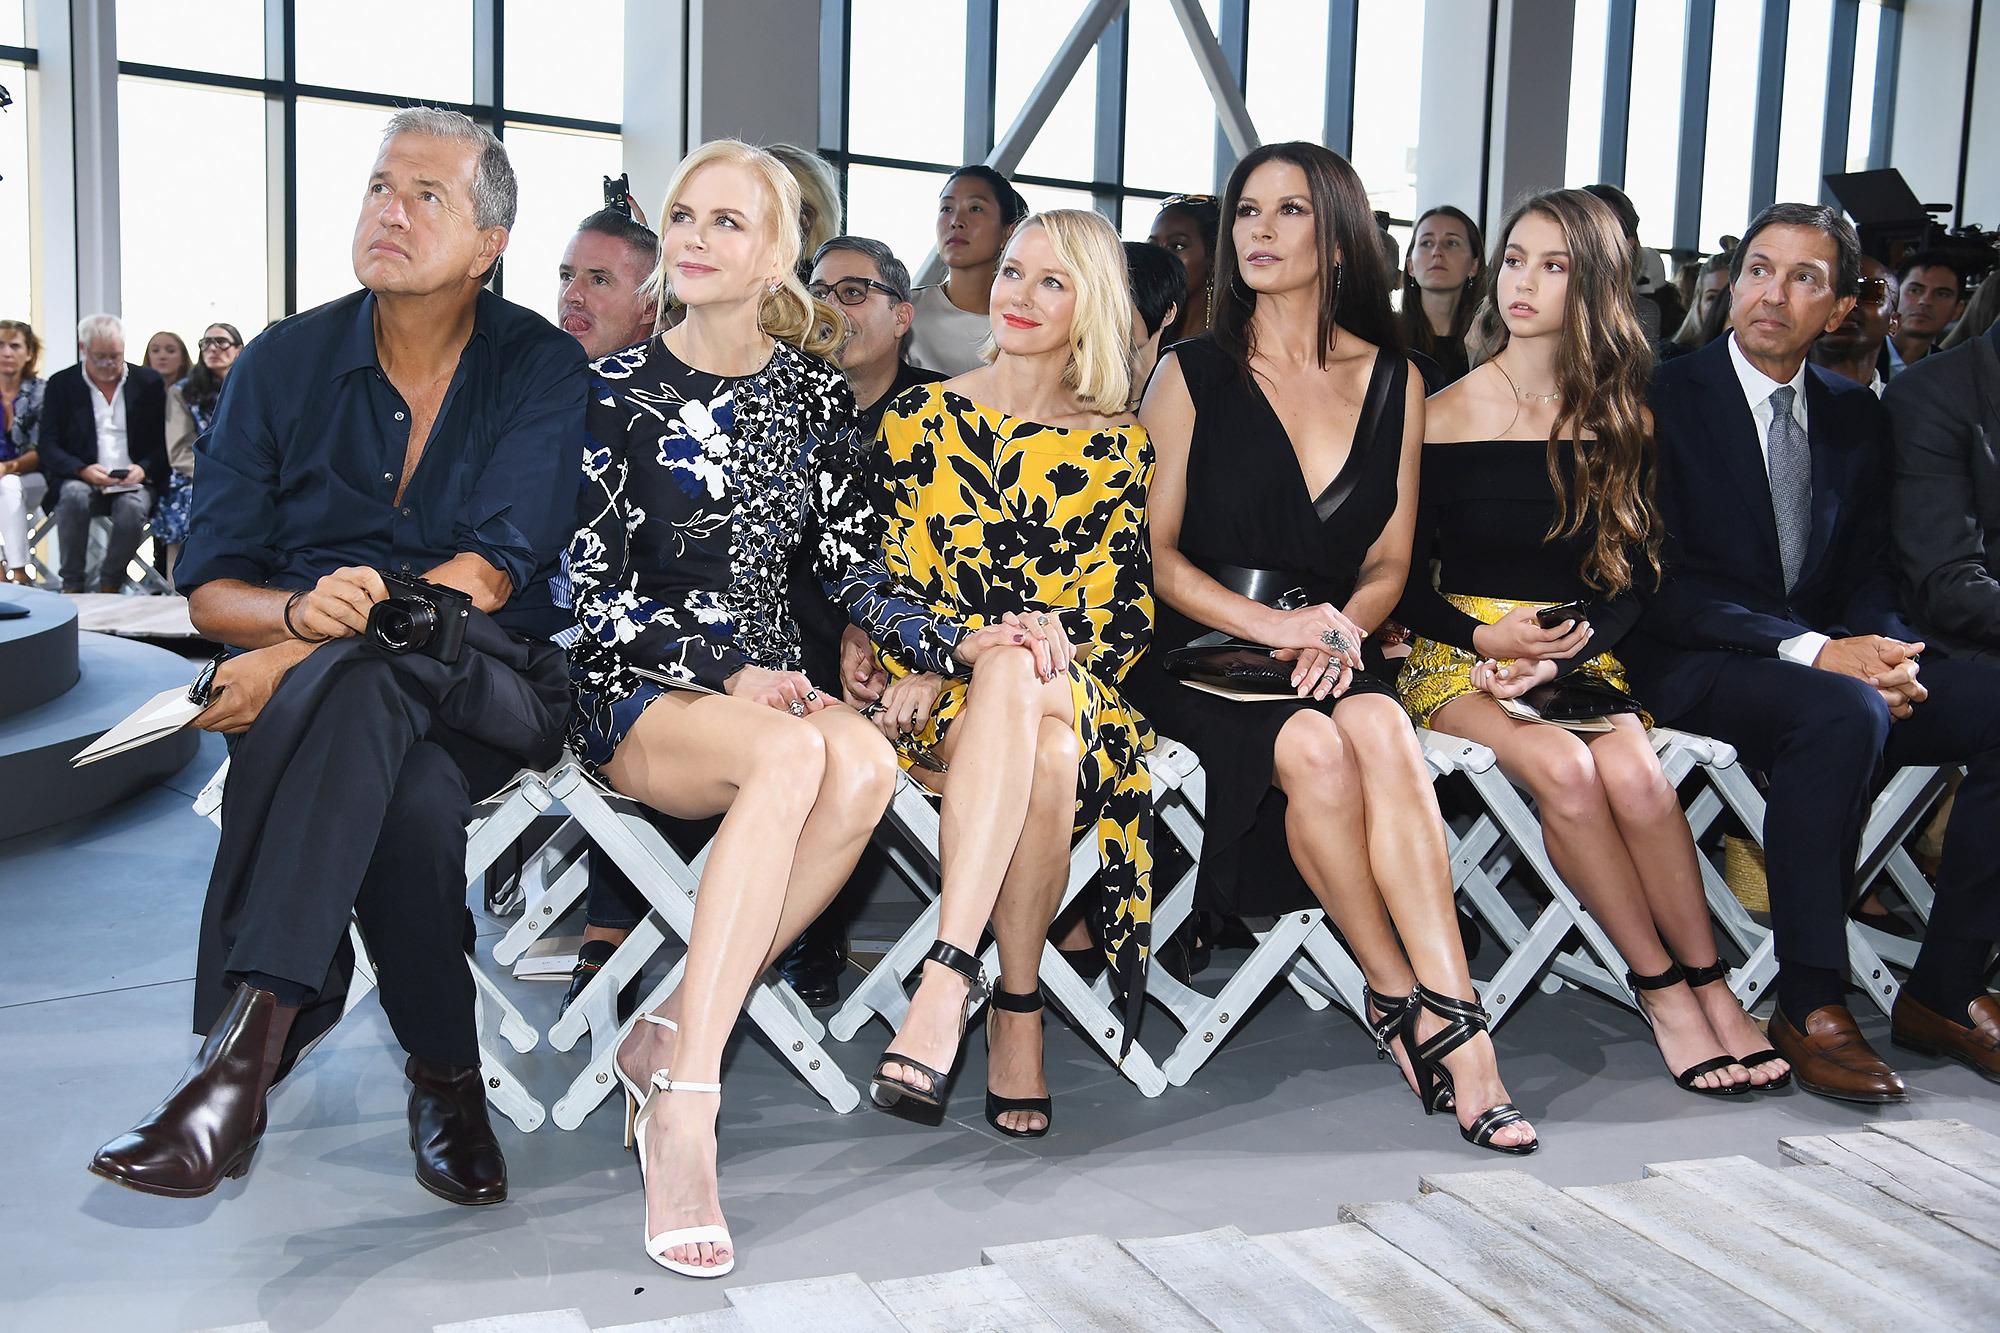 Hijos de famosos en los fashion shows S/S 2018